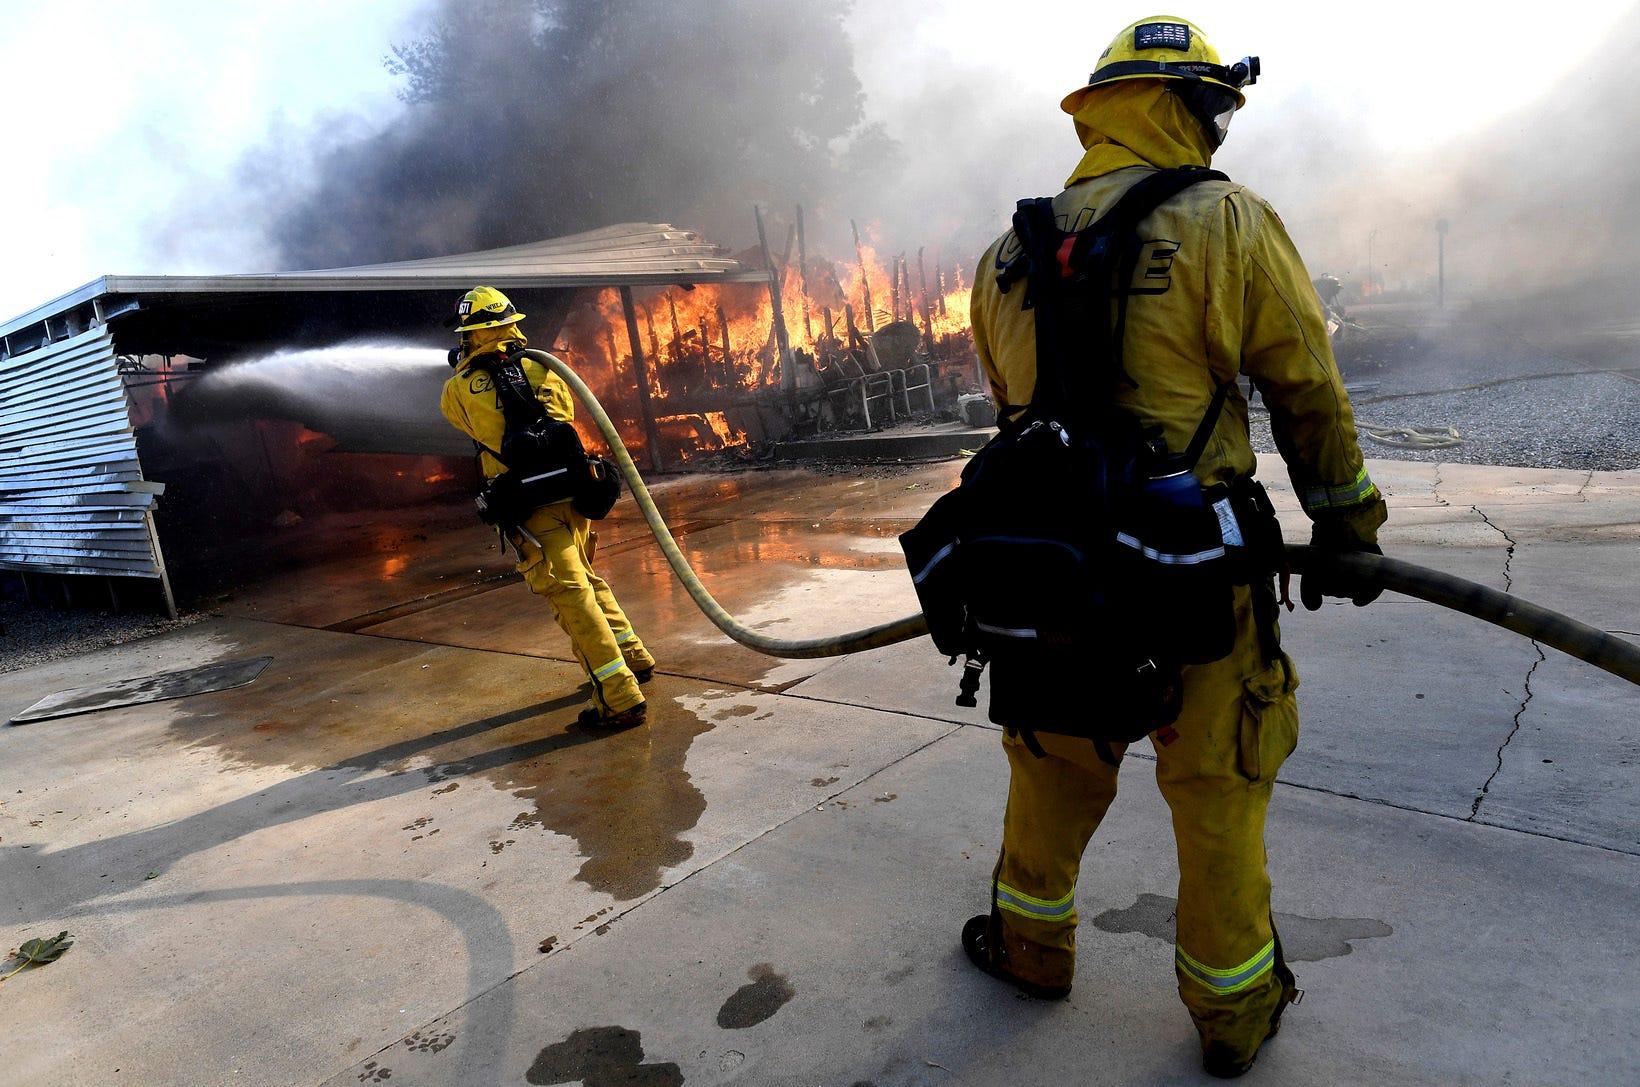 Saddleridge Fire 19 Contained 2 Die In Sandalwood Fire Near La